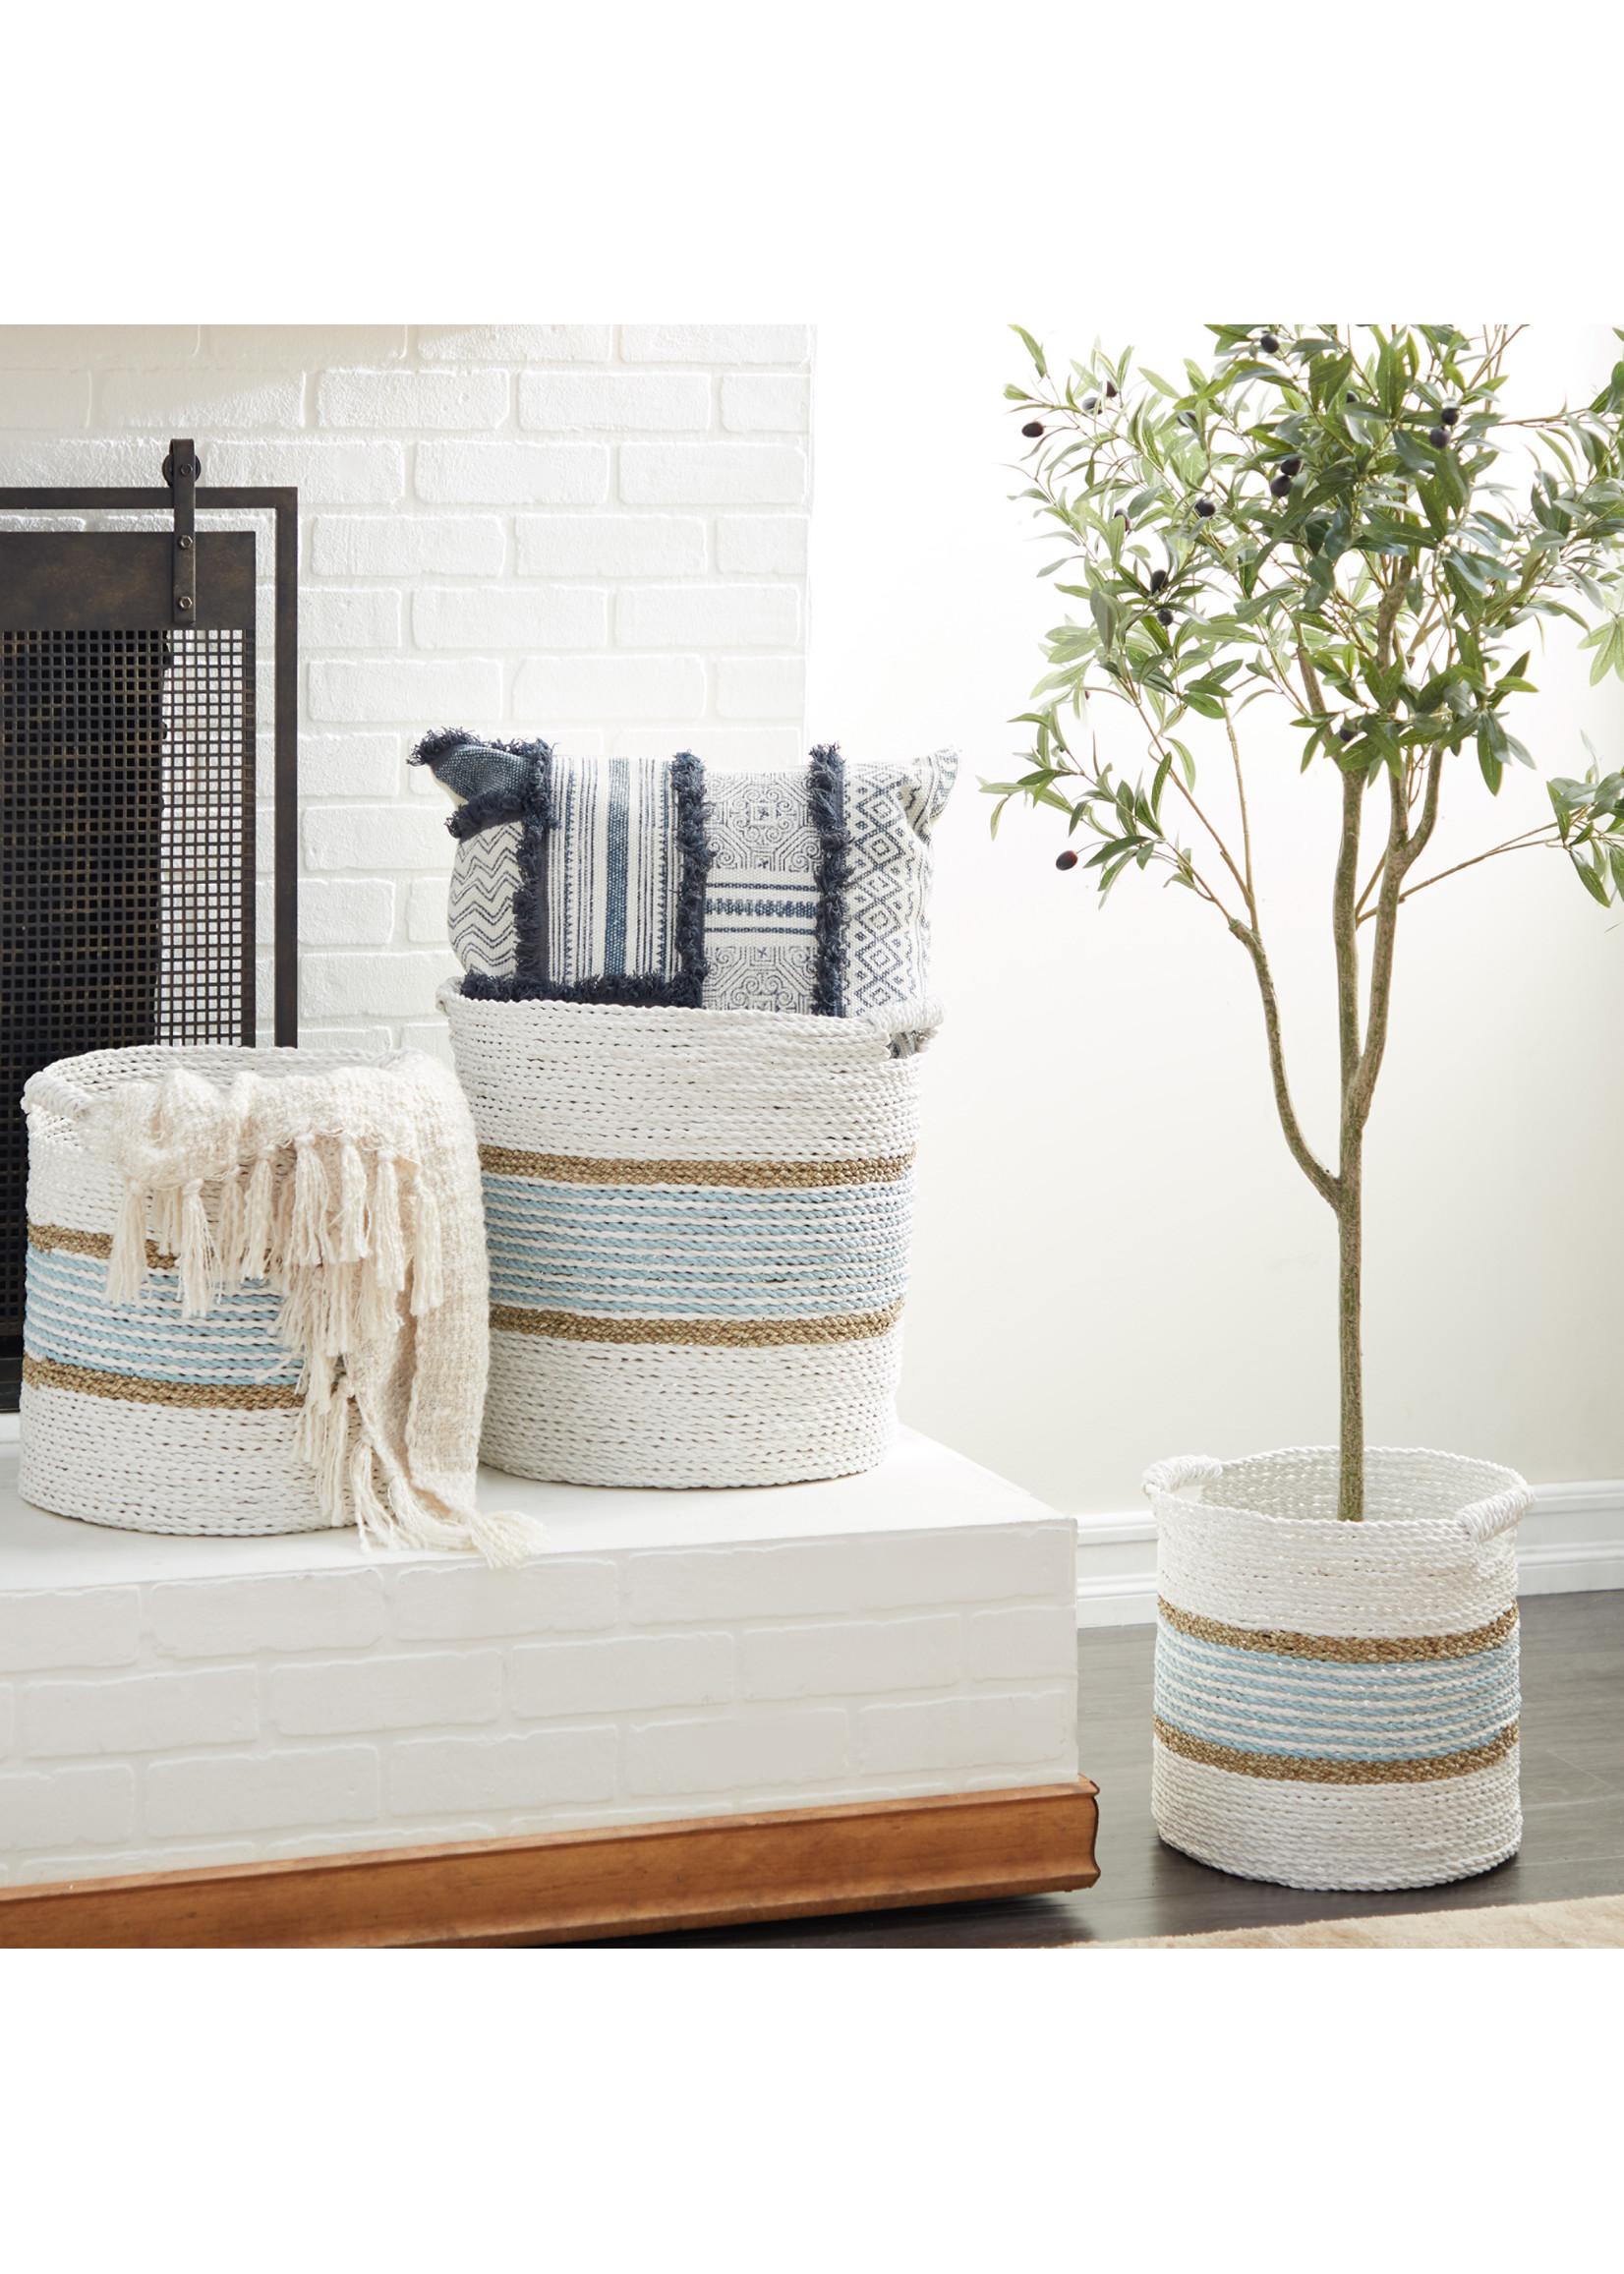 UMA Enterprises Seagrass Basket - Small